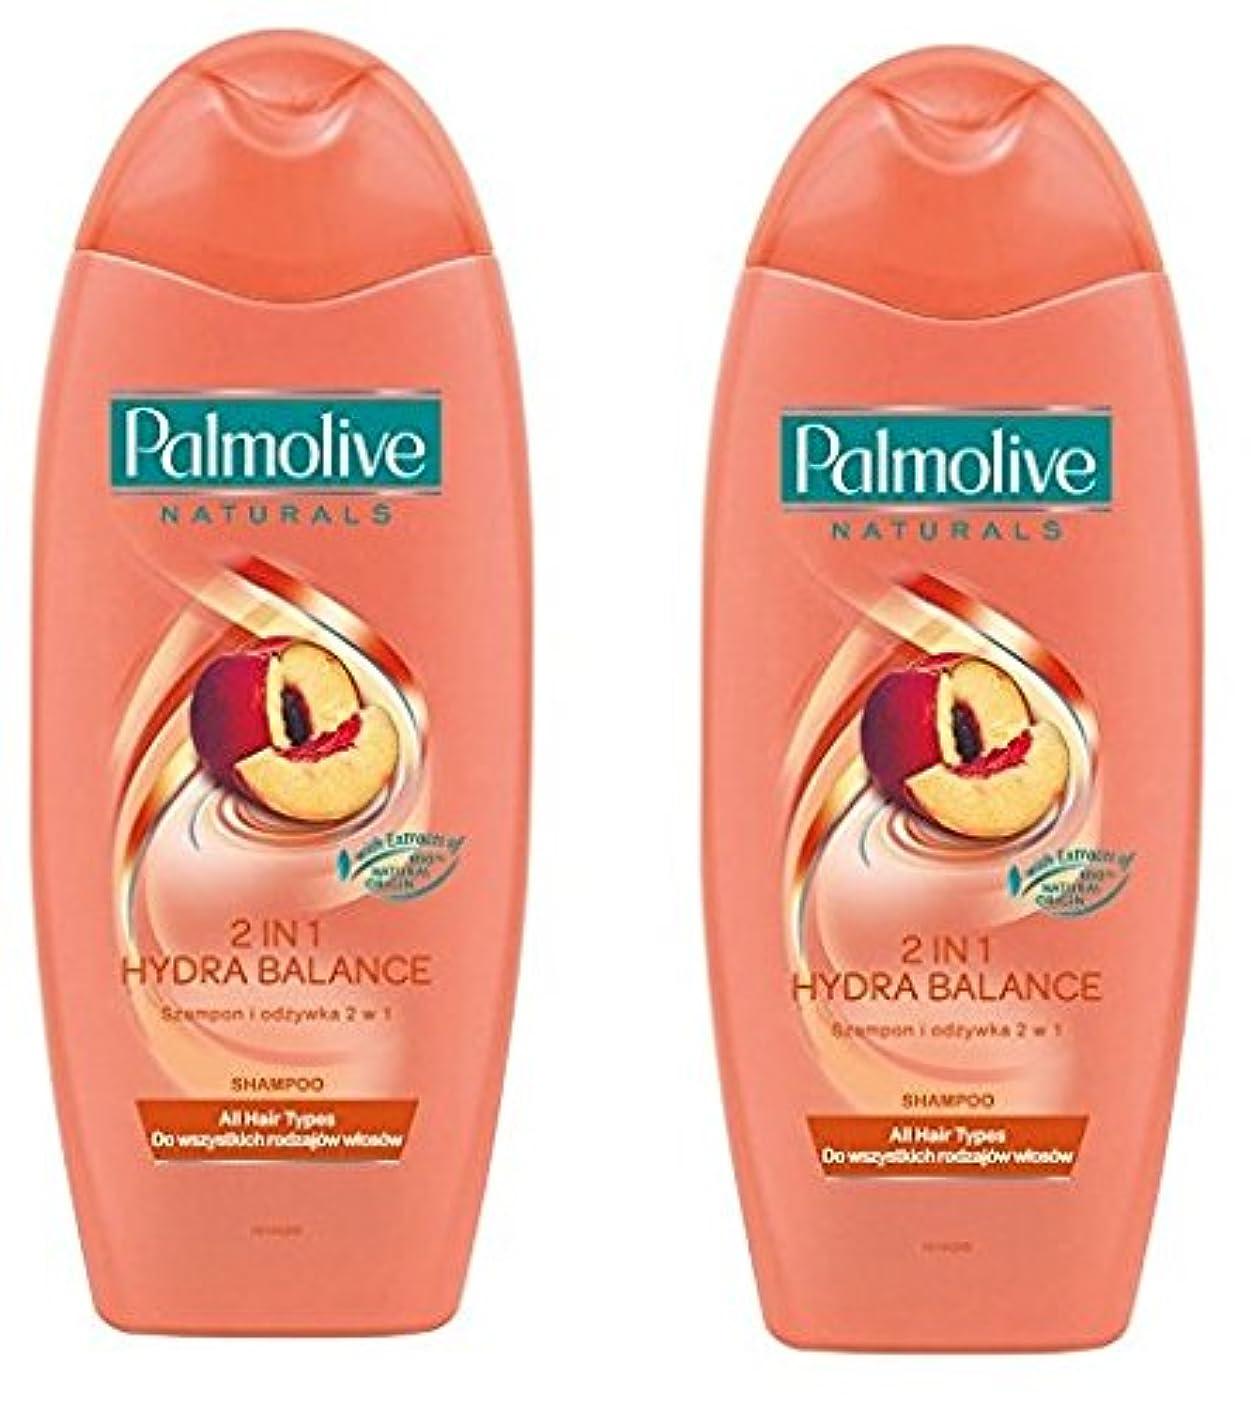 うんエレガントスモッグPalmolive Naturals Shampoo & Conditioner パルモティブシャンプーWコンディショナー ハイドロバランス 350ml 2個 [並行輸入品]